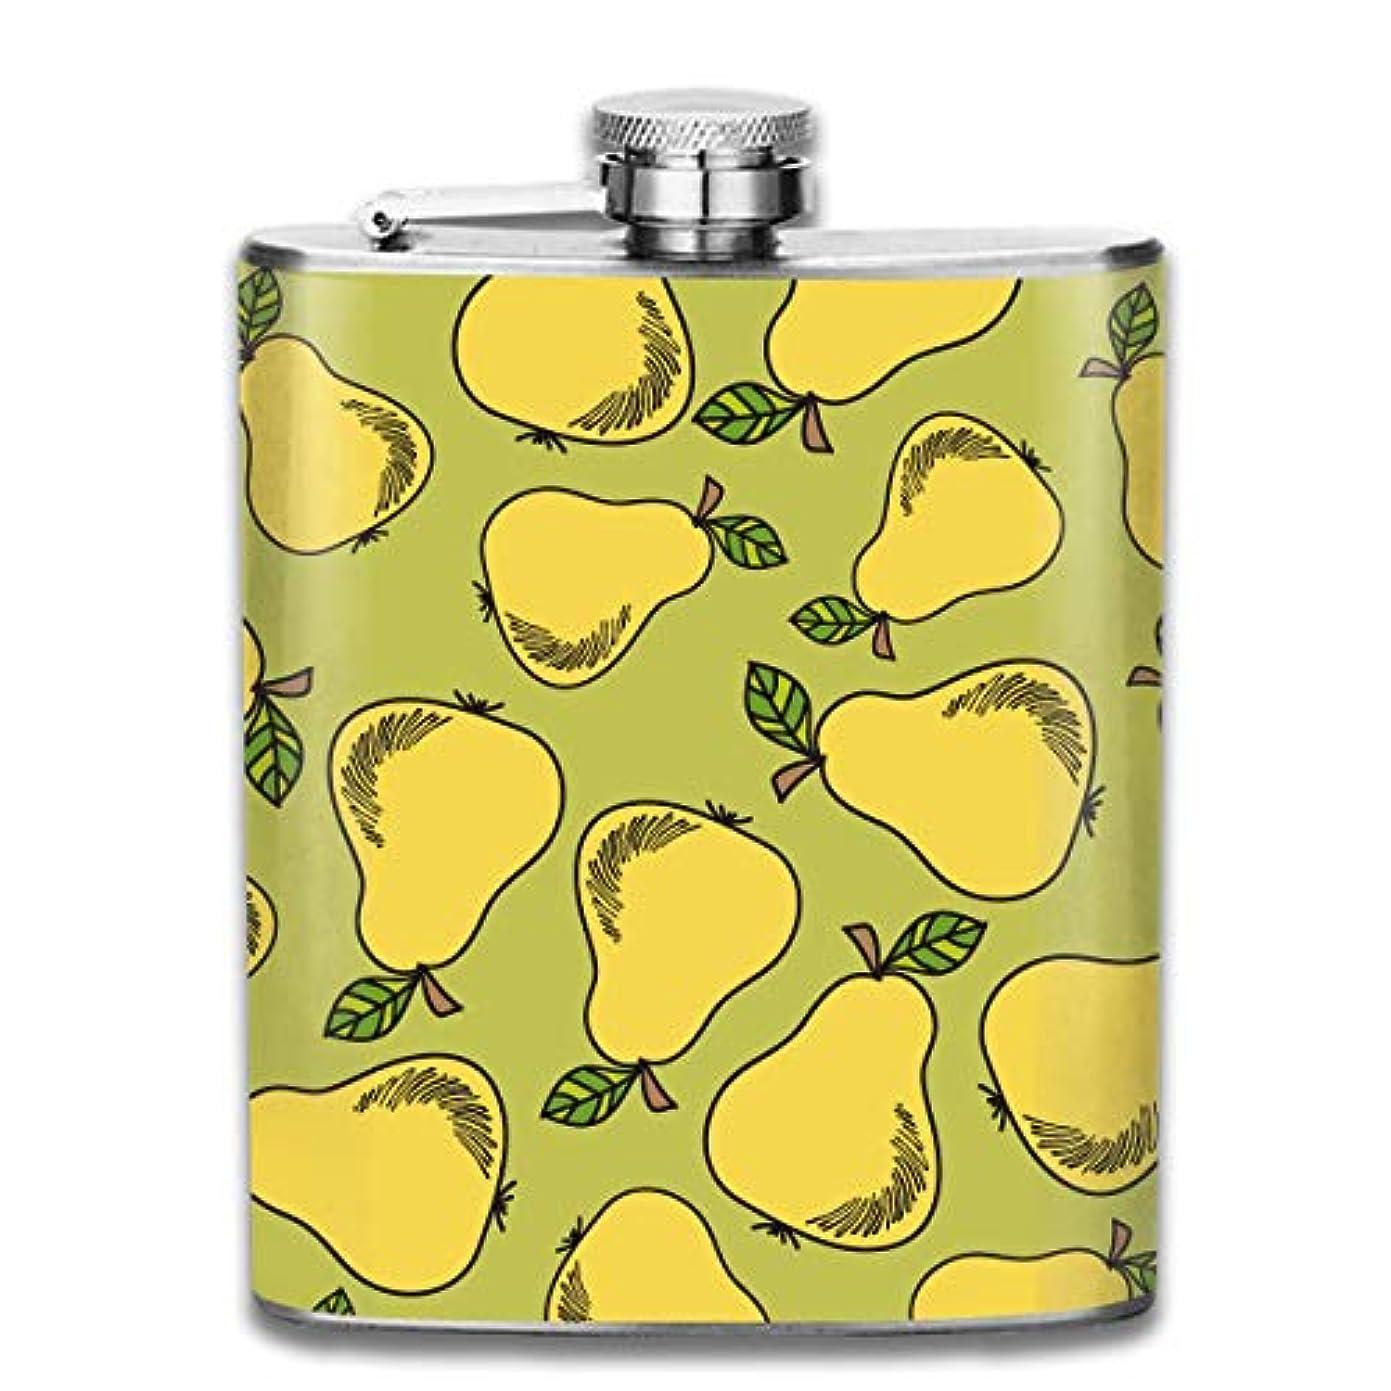 委任するテスピアン石化する黄色の梨フラスコ スキットル ヒップフラスコ 7オンス 206ml 高品質ステンレス製 ウイスキー アルコール 清酒 携帯 ボトル